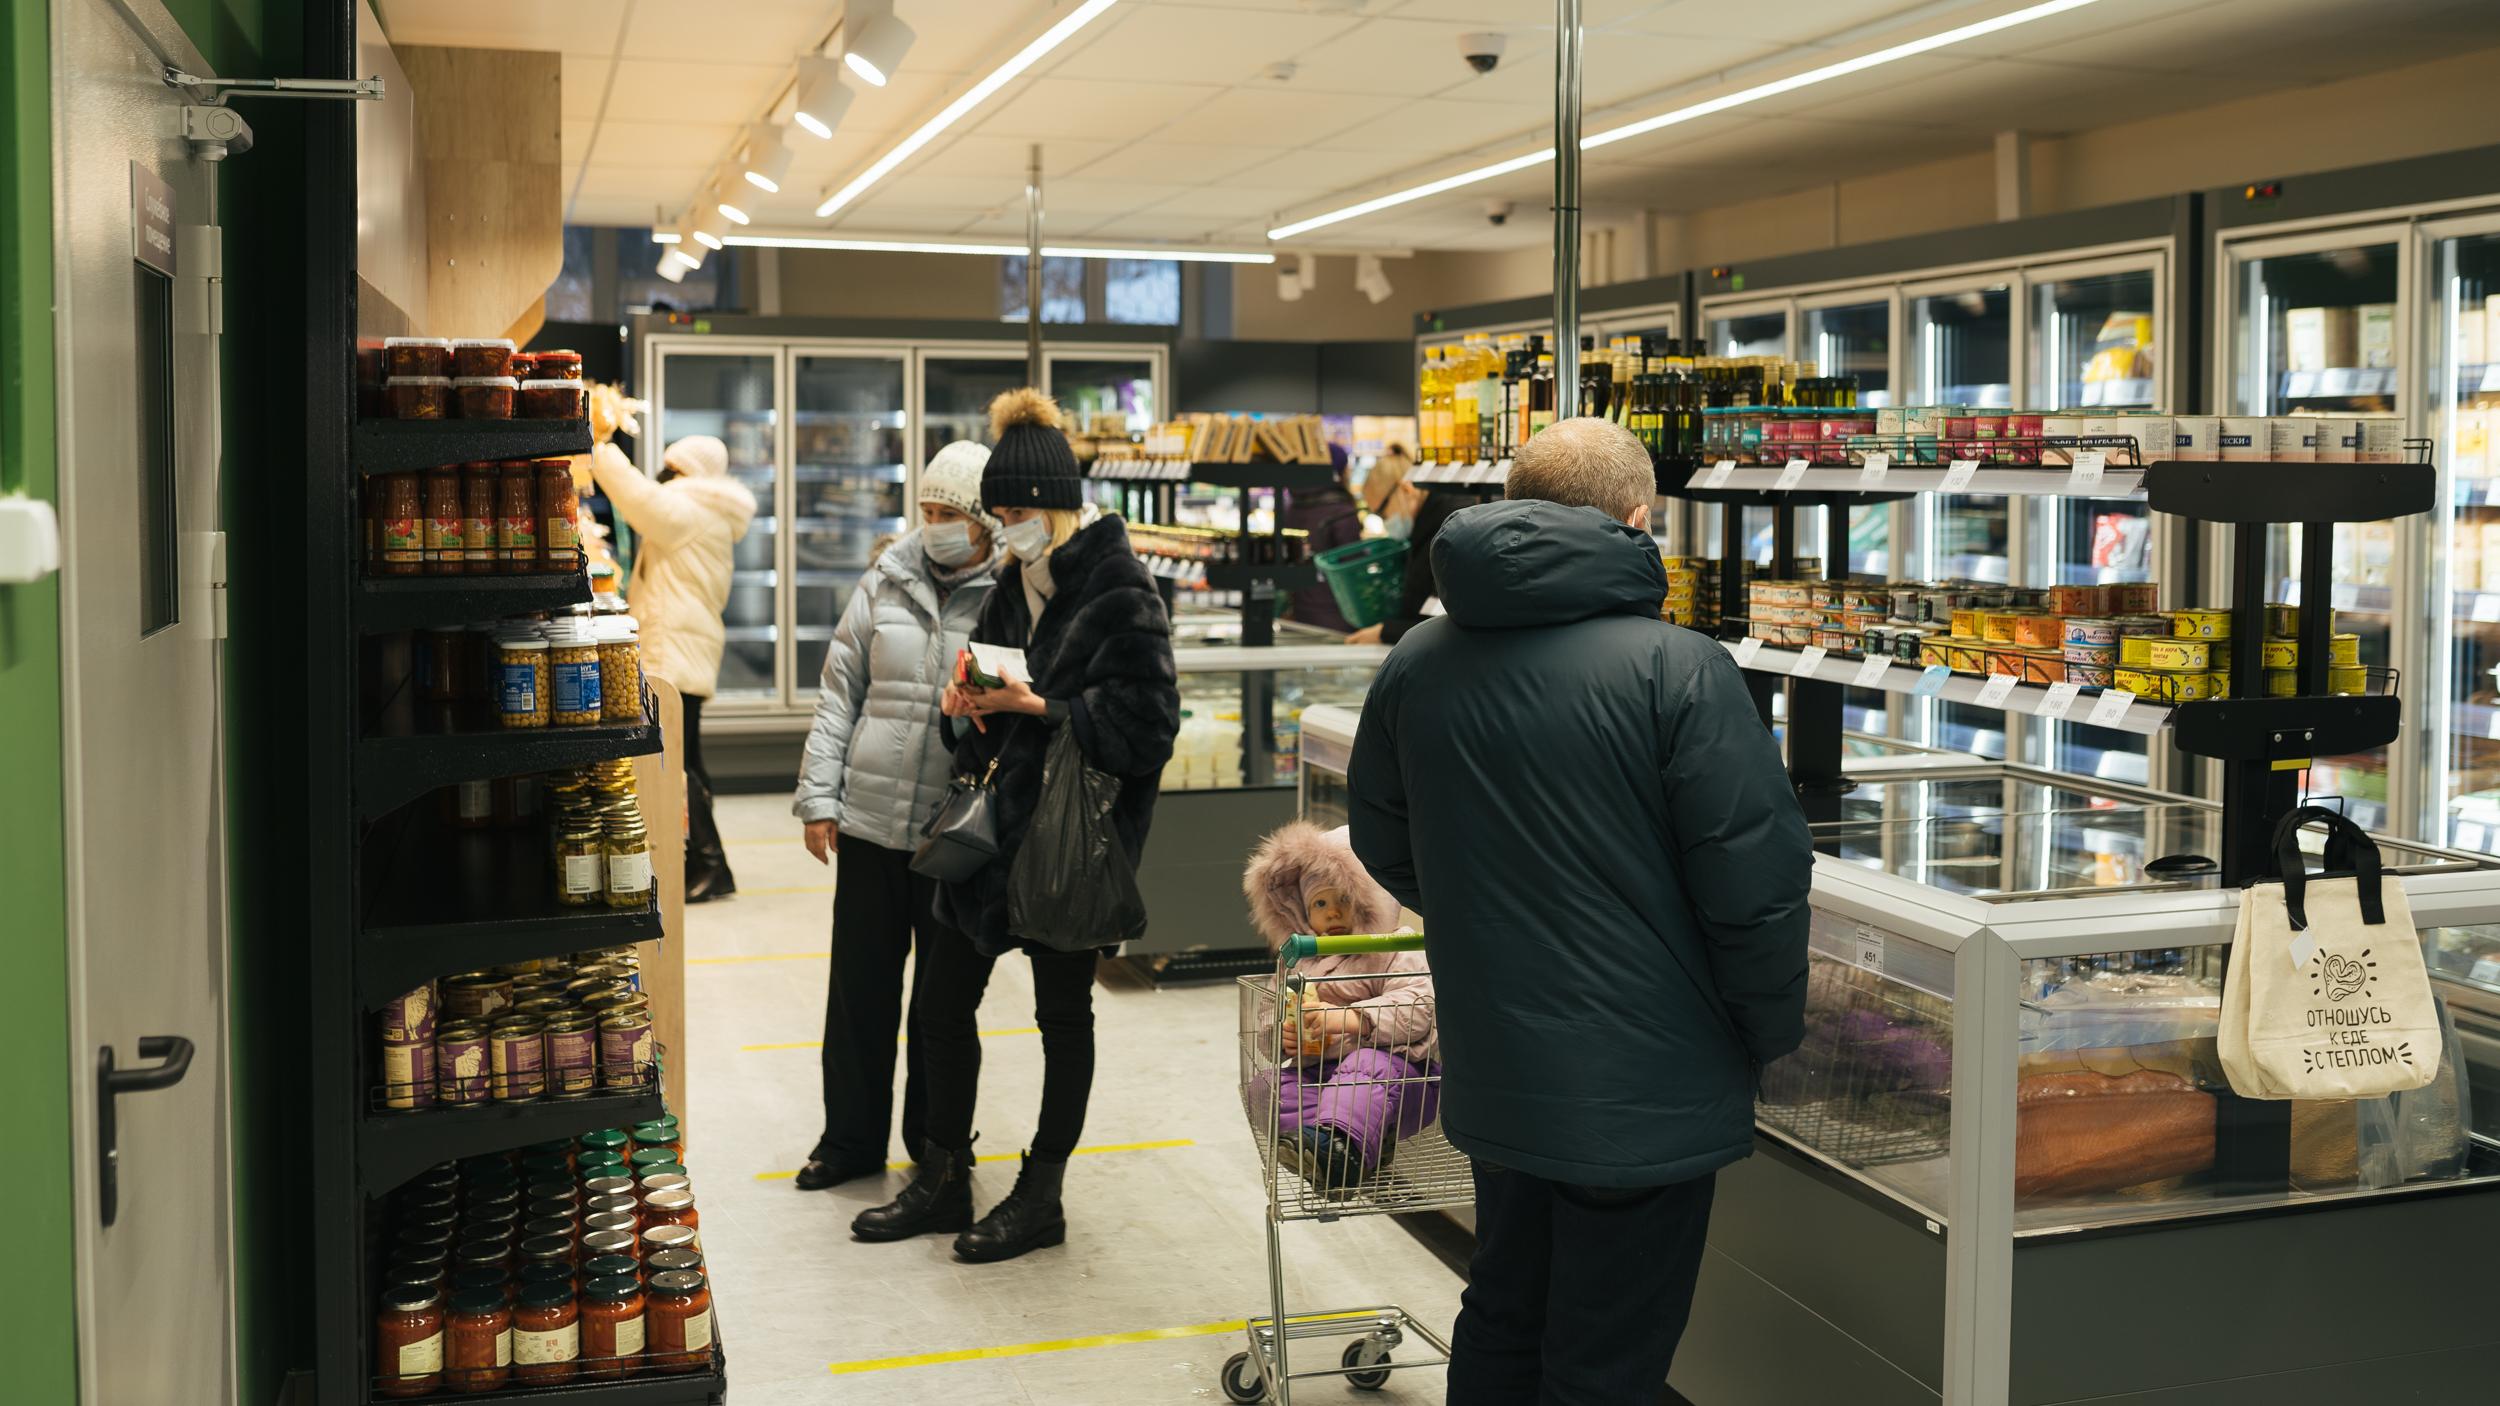 Организация пространства в магазине позволяет покупателям легко сориентироваться